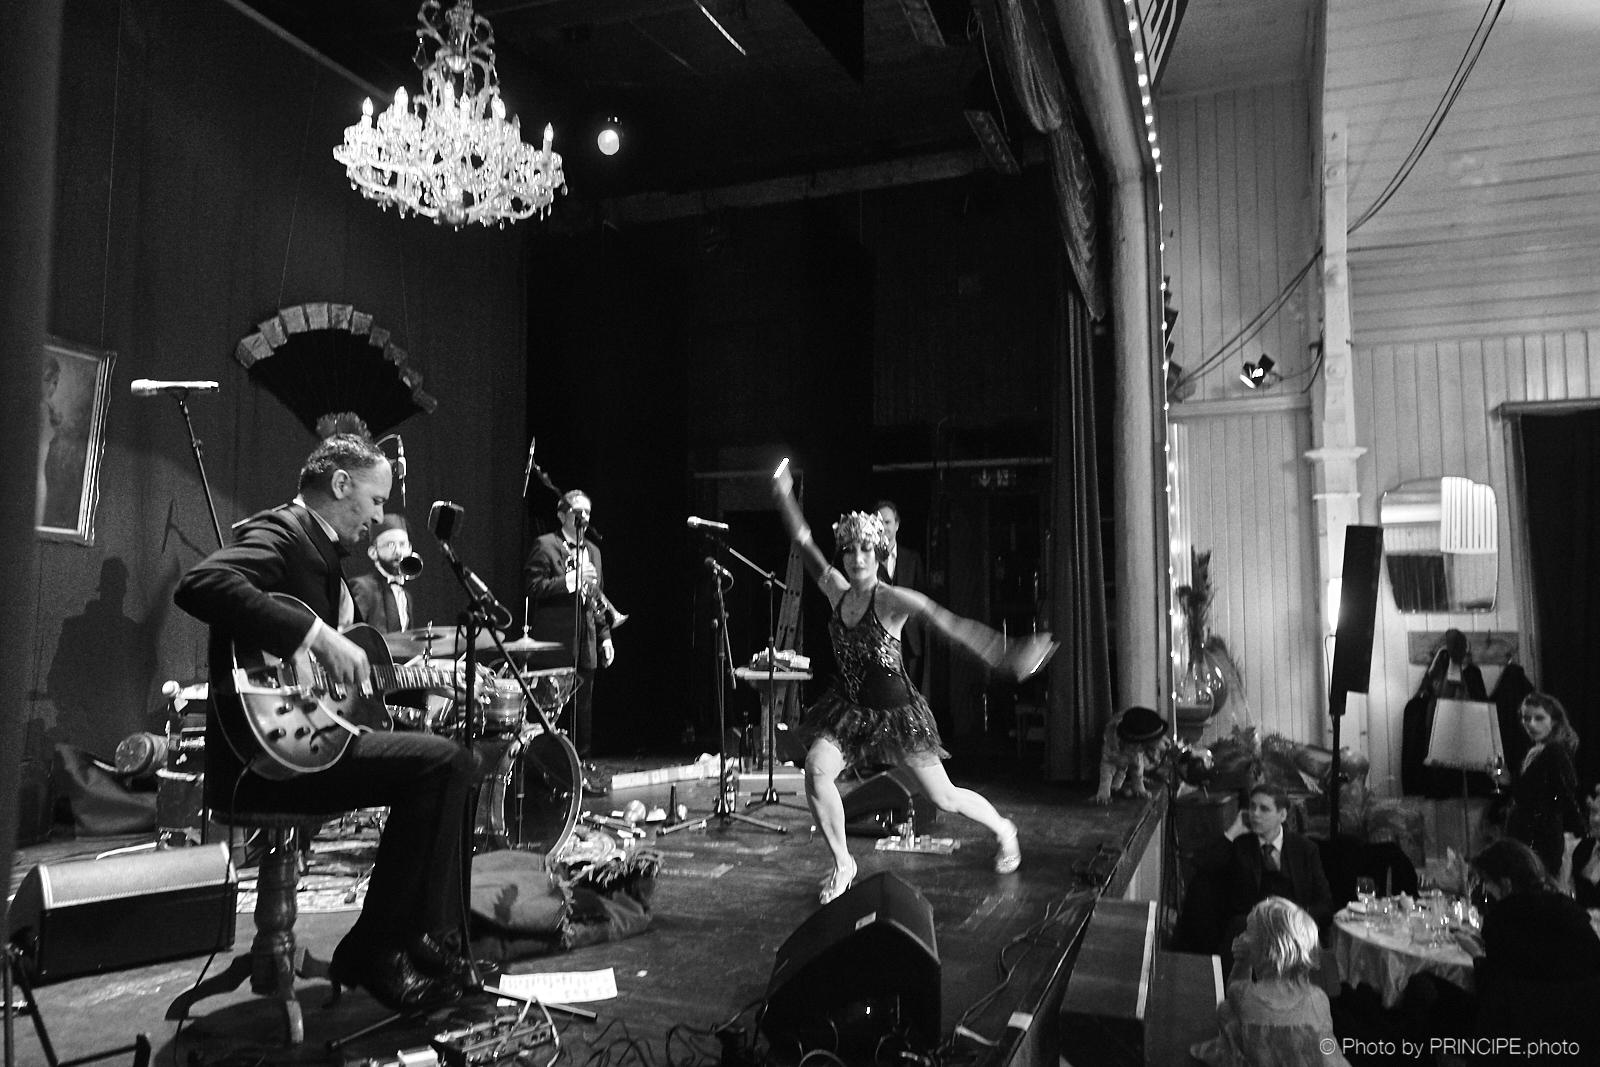 Pierre Omer's Swing Revue @ Heitere Fahne